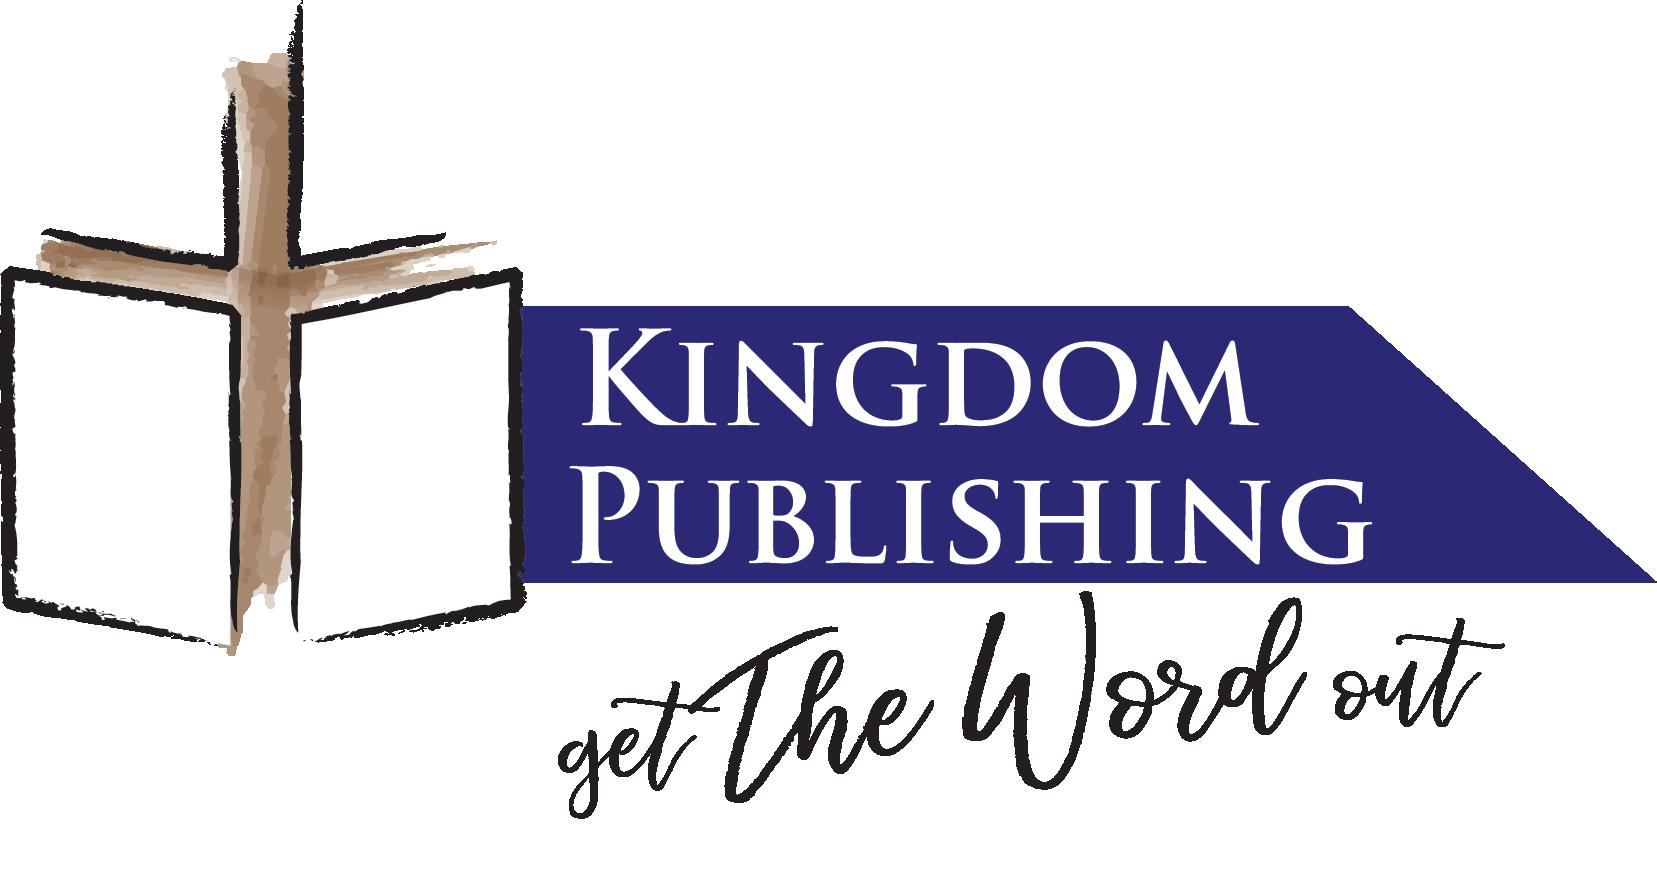 Kingdom Publishing